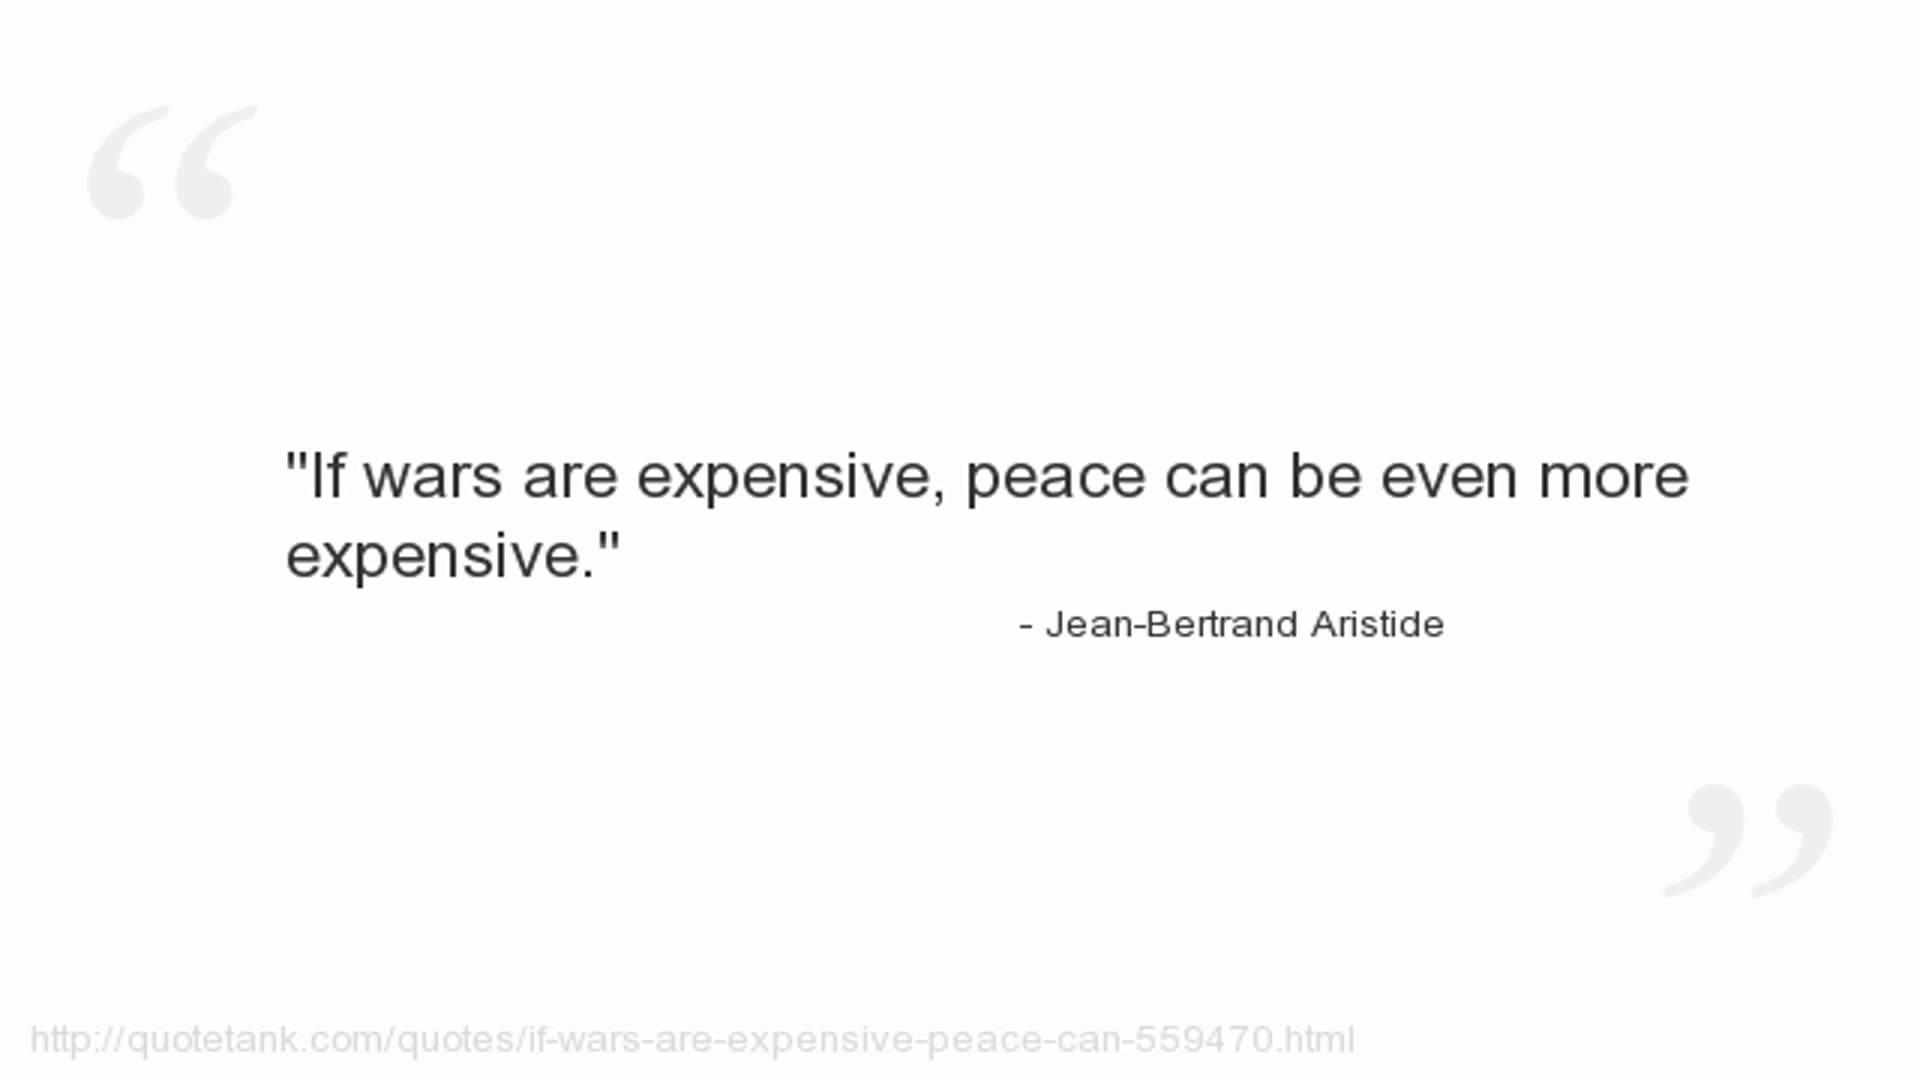 Jean-Bertrand Aristide's quote #5